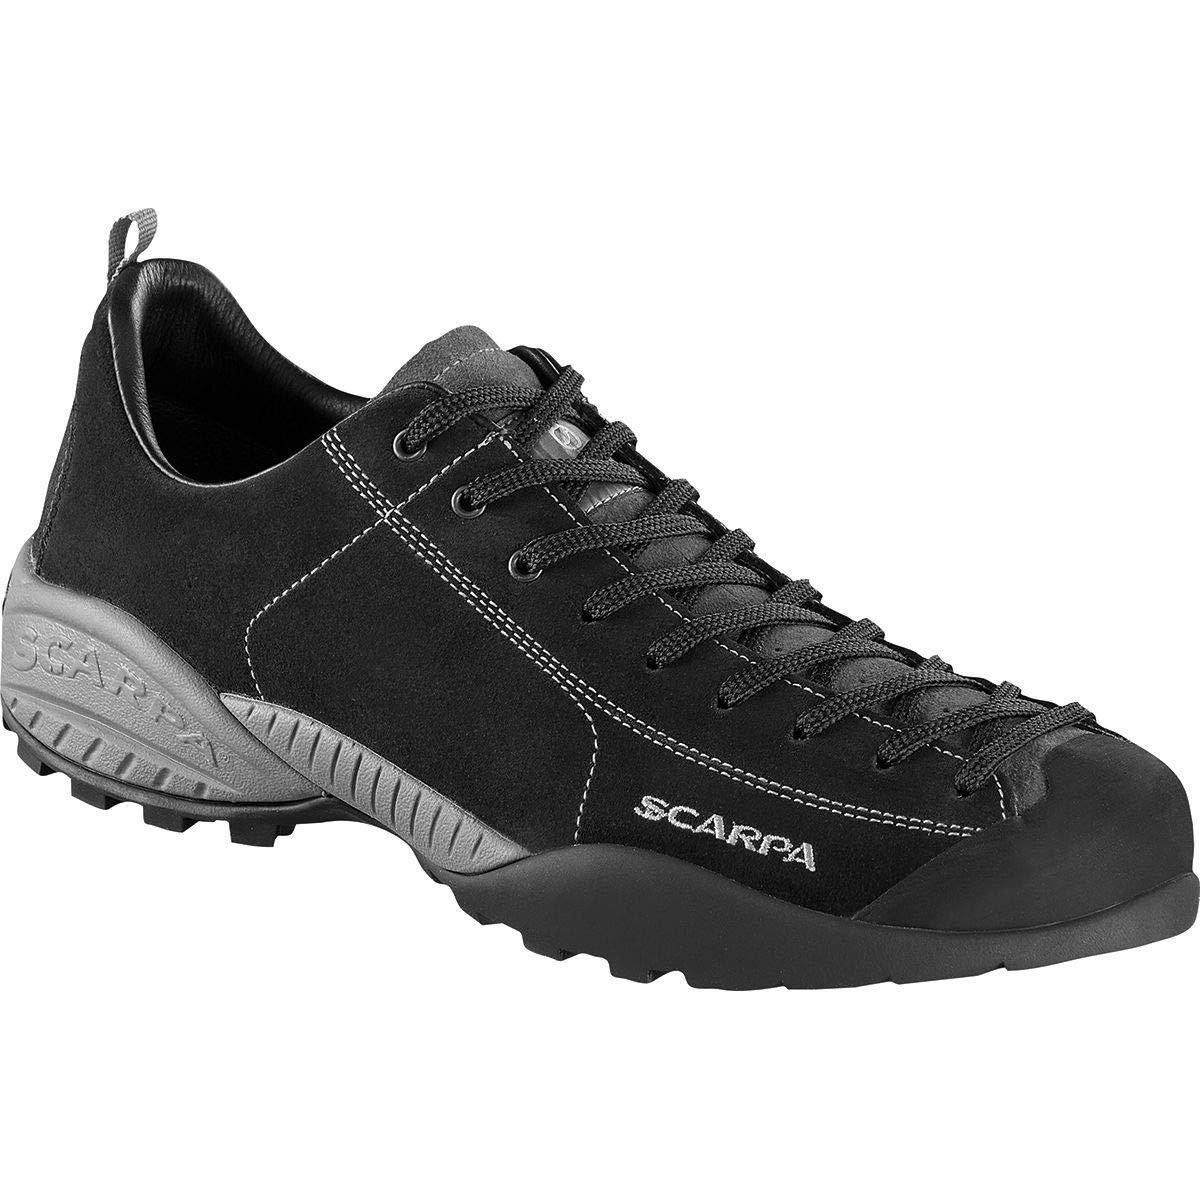 3bf2defb9 , Scarpa-Farbe:black, Scarpa-Groesse:40.5: Amazon.it: Sport e tempo libero